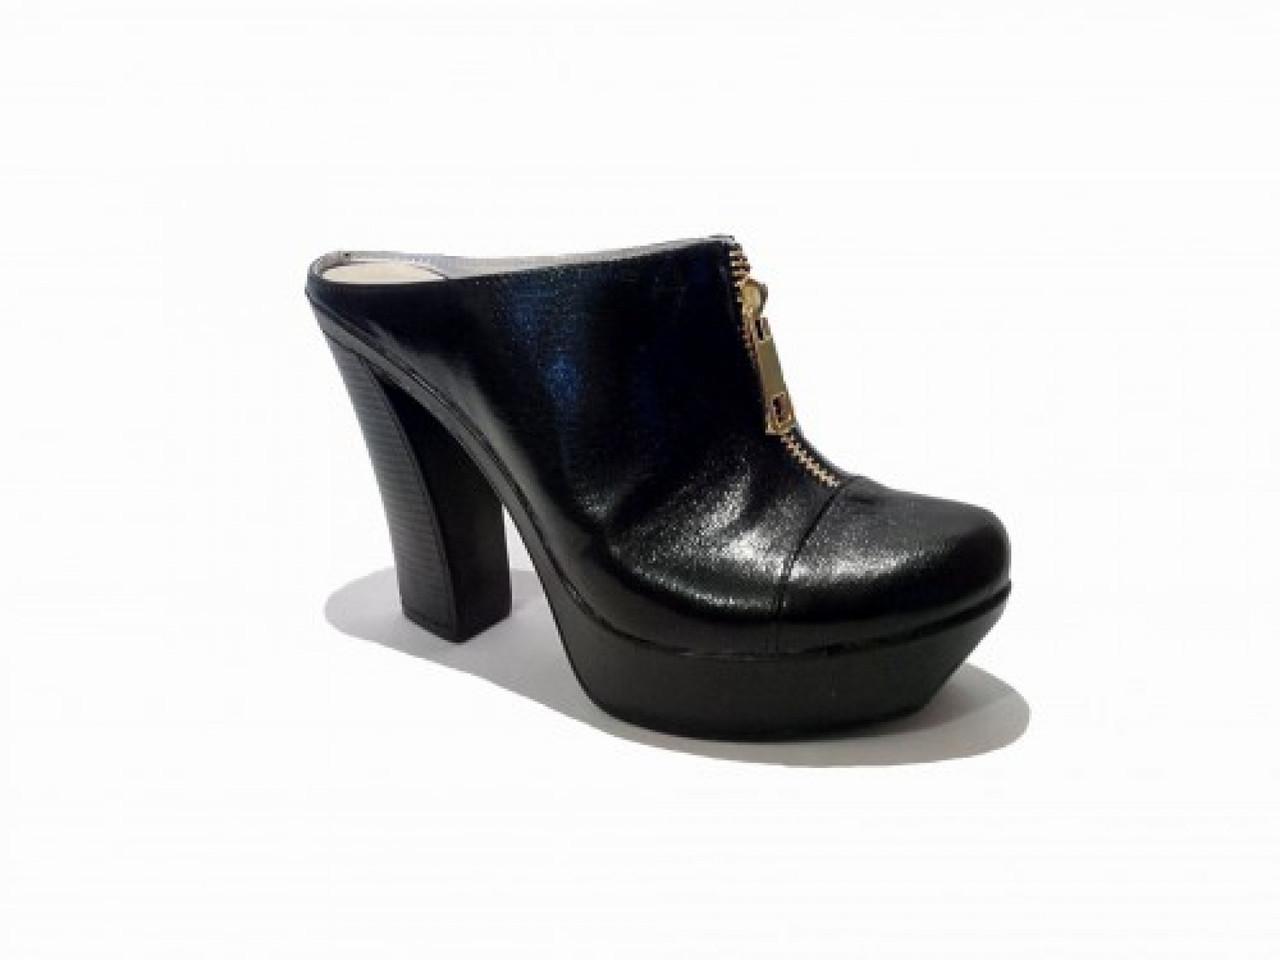 dc599acc3 Сабо из натуральной кожи черного цвета, на устойчивом высоком каблуке -  Nice Price в Одессе